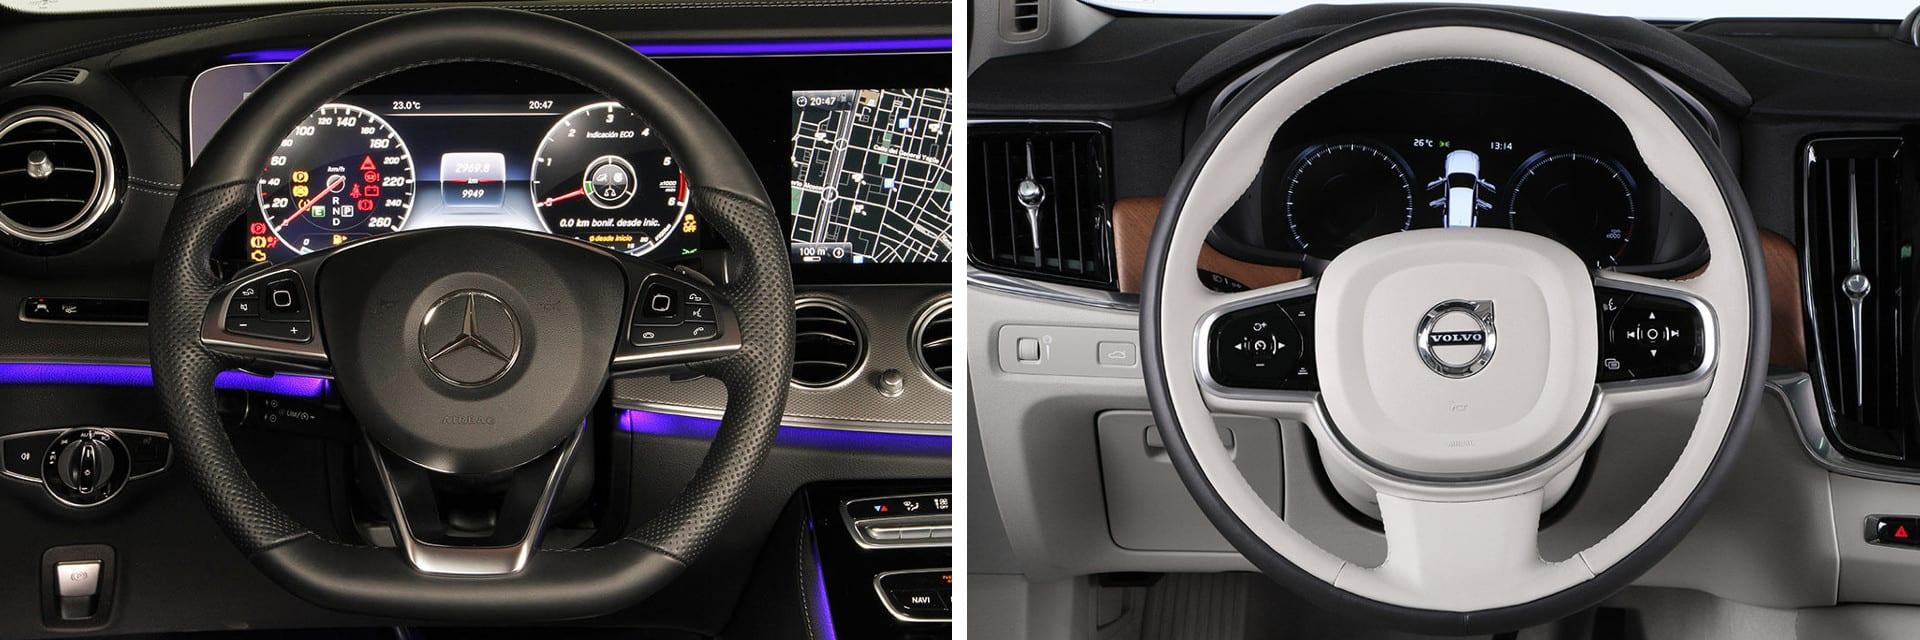 Las fotos del Mercedes-Benz Clase E Estate corresponden al acabado AMG Line. Las fotos del Volvo V90 corresponden a la versión indicada. Fotos cedidas por KM77.